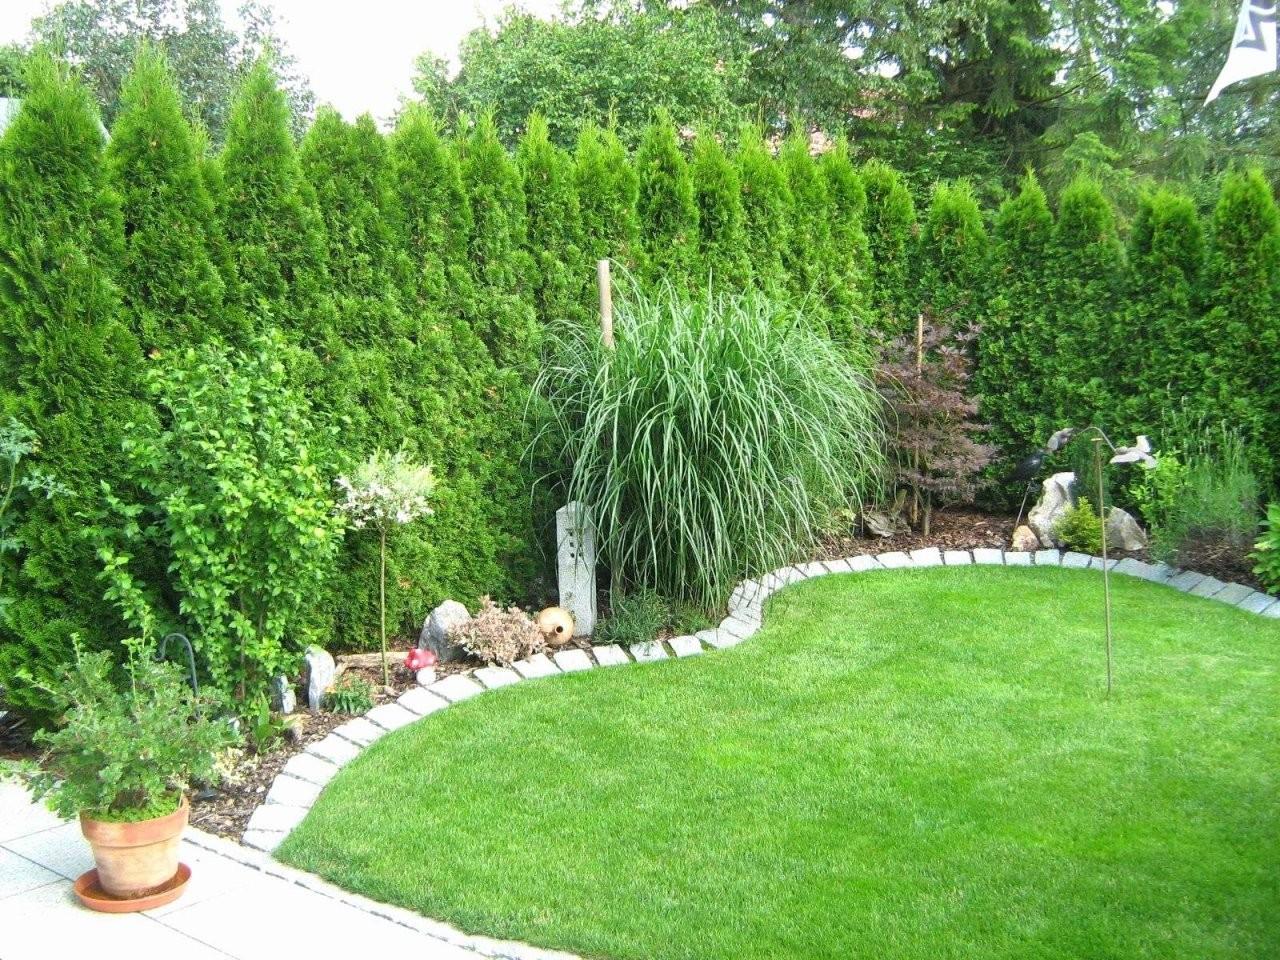 Kies Steine Garten Inspirierend Garten Mit Steinen Gestalten Best von Garten Mit Steinen Gestalten Photo